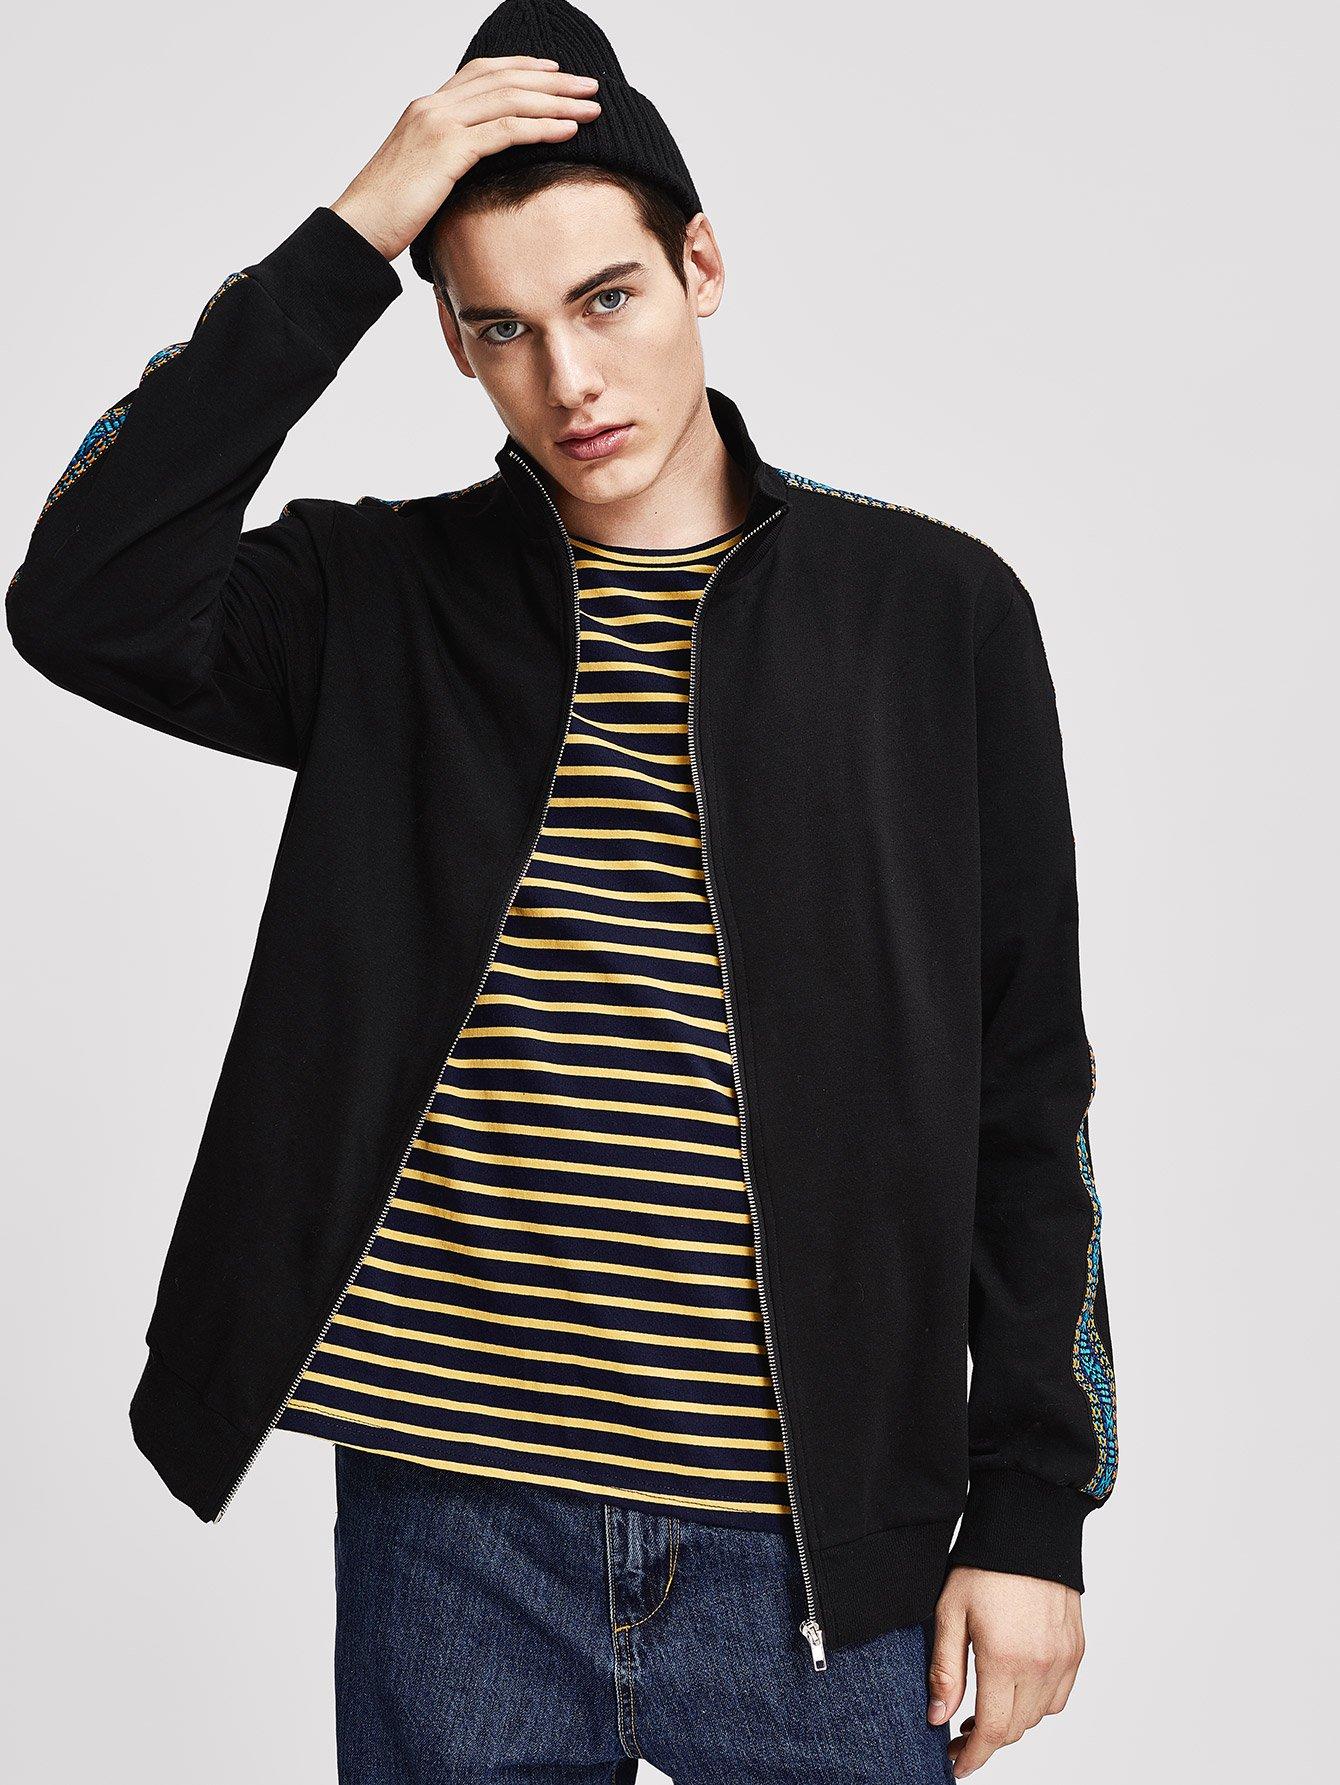 Купить Мужская куртка на молнии со стоячим вырезом, Misha, SheIn